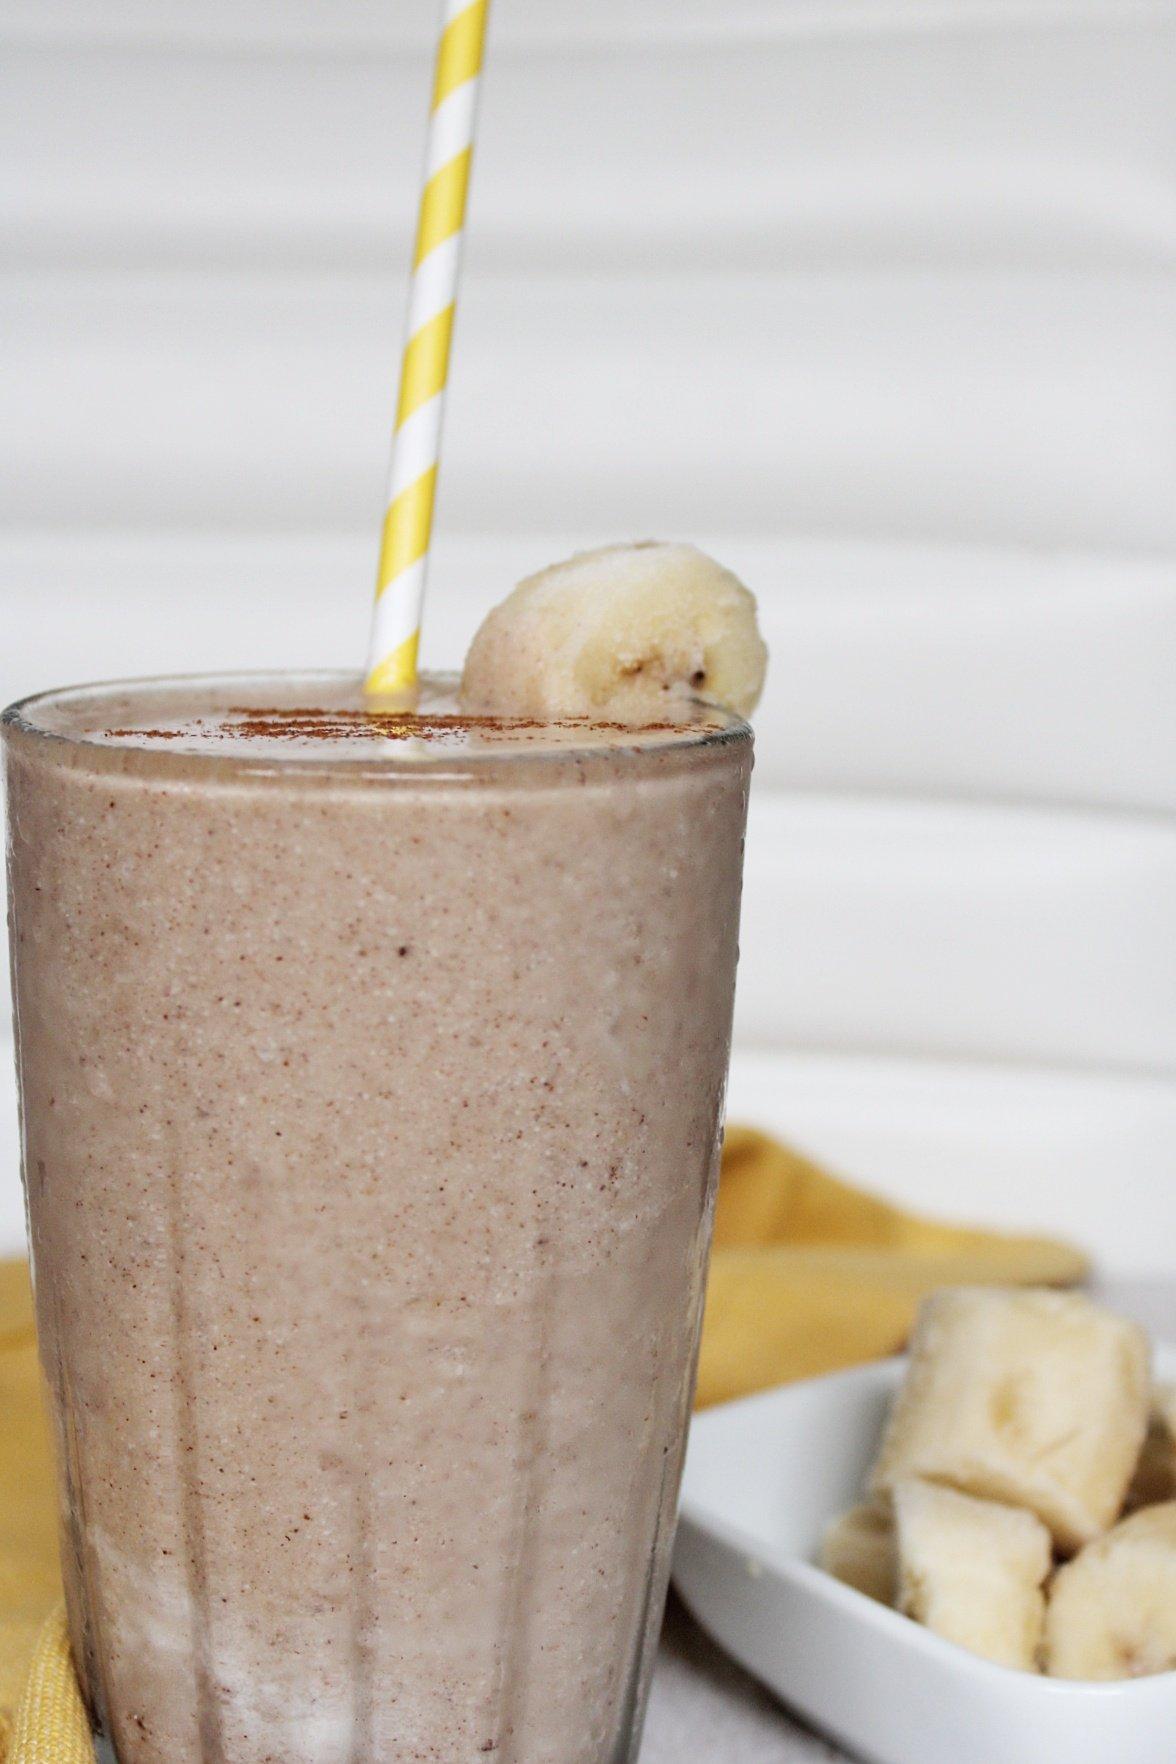 Banana milkshake with a side of bananas